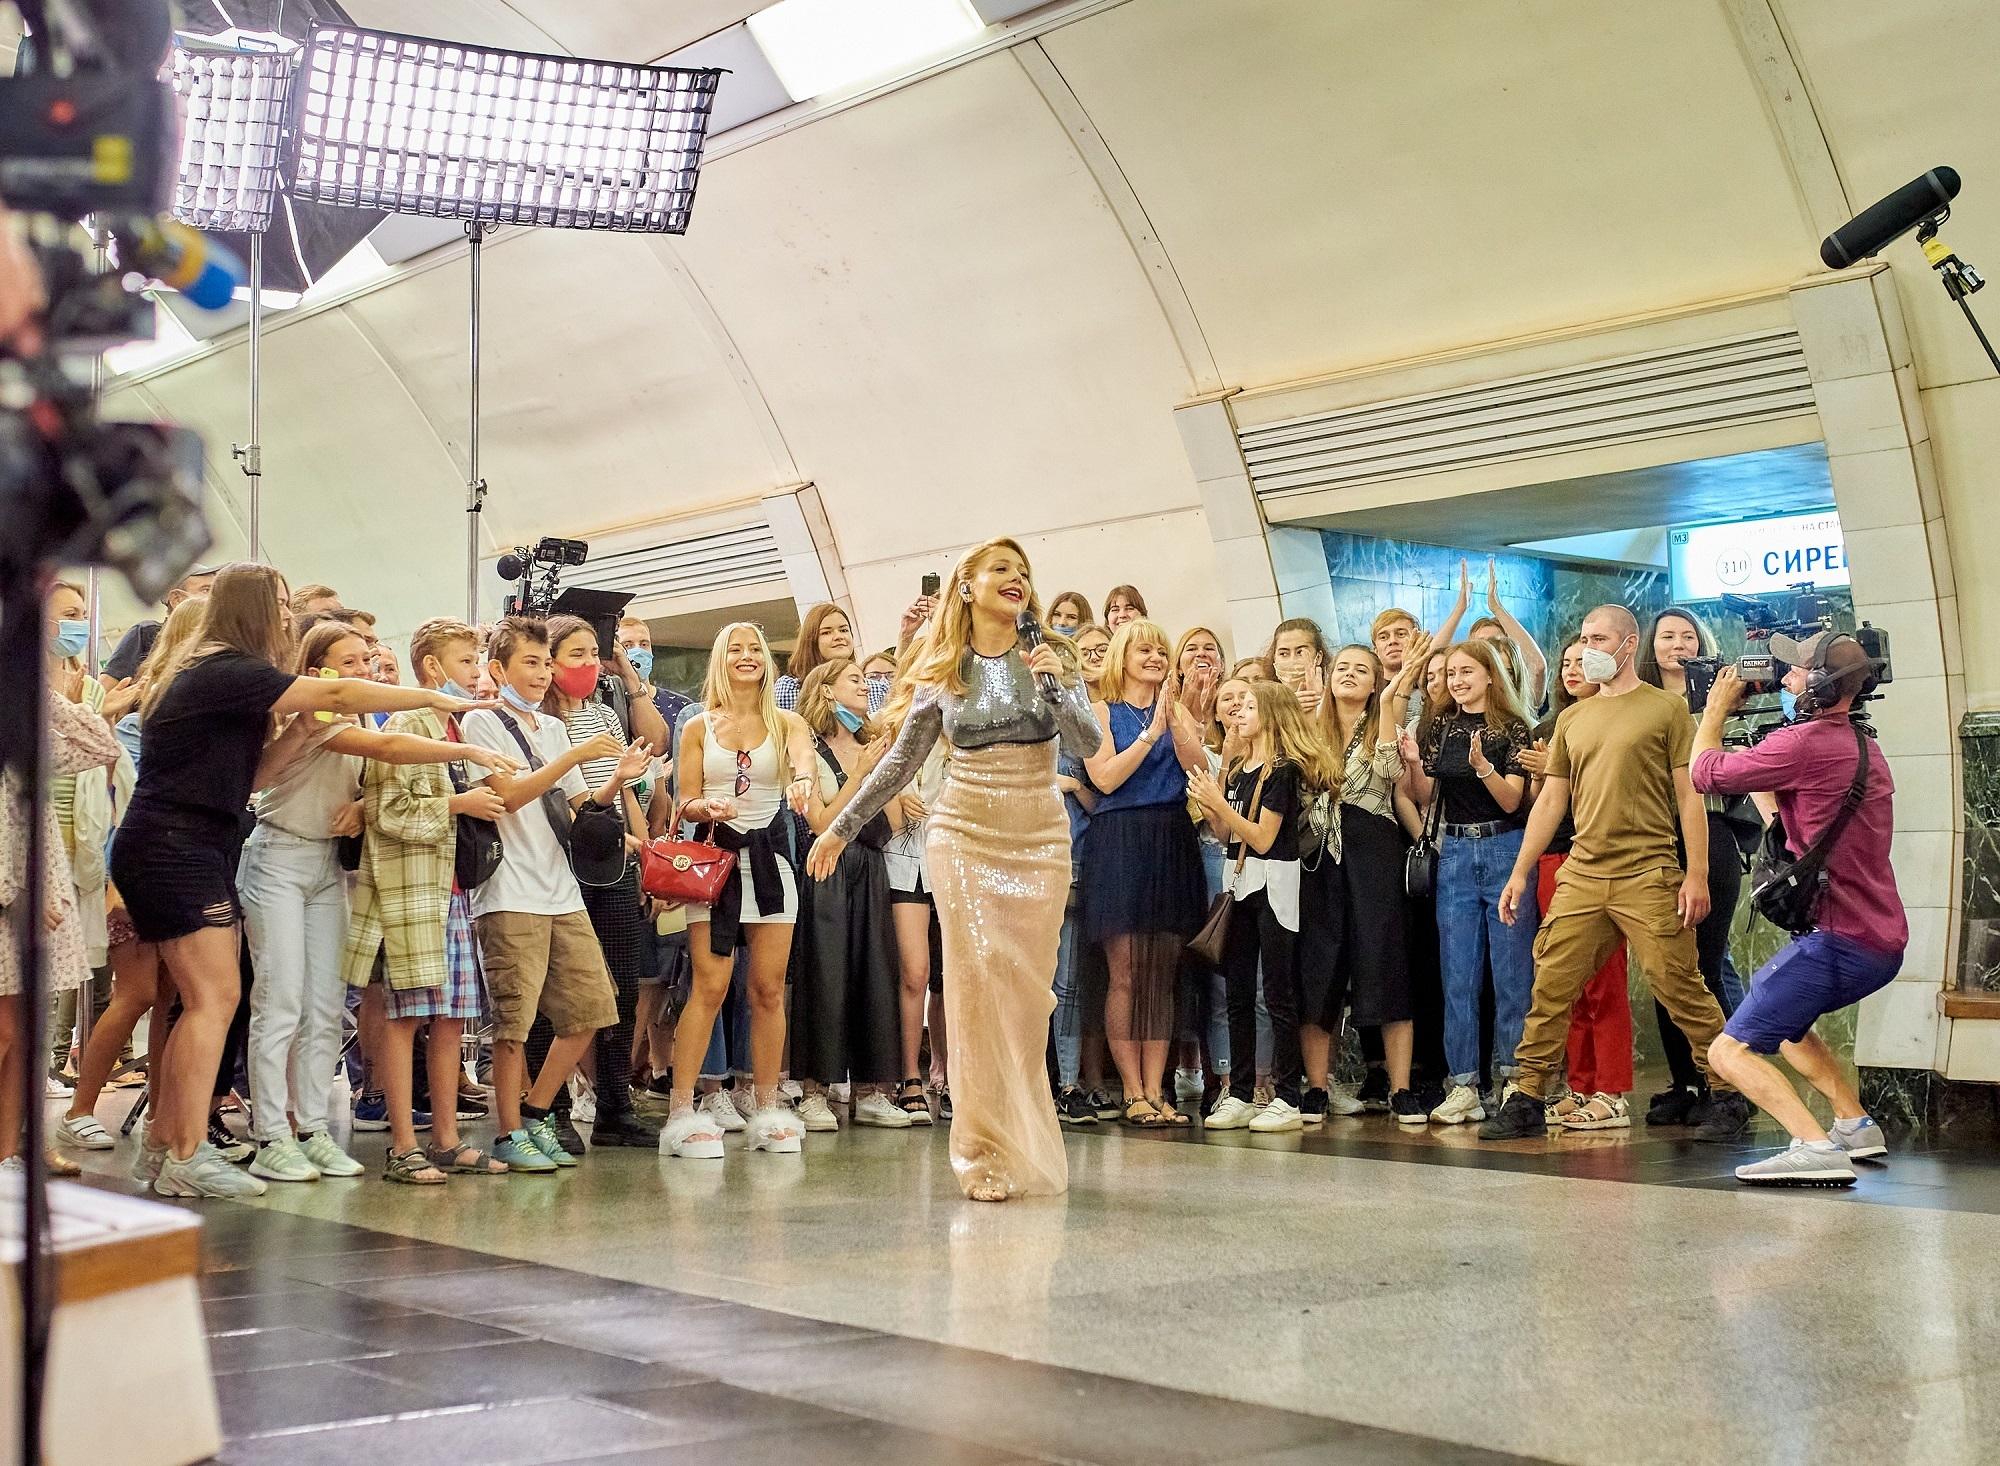 Тина Кароль в изысканном платье спустилась в киевское метро, чтобы спеть свои самые известные хиты (ФОТО) - фото №2